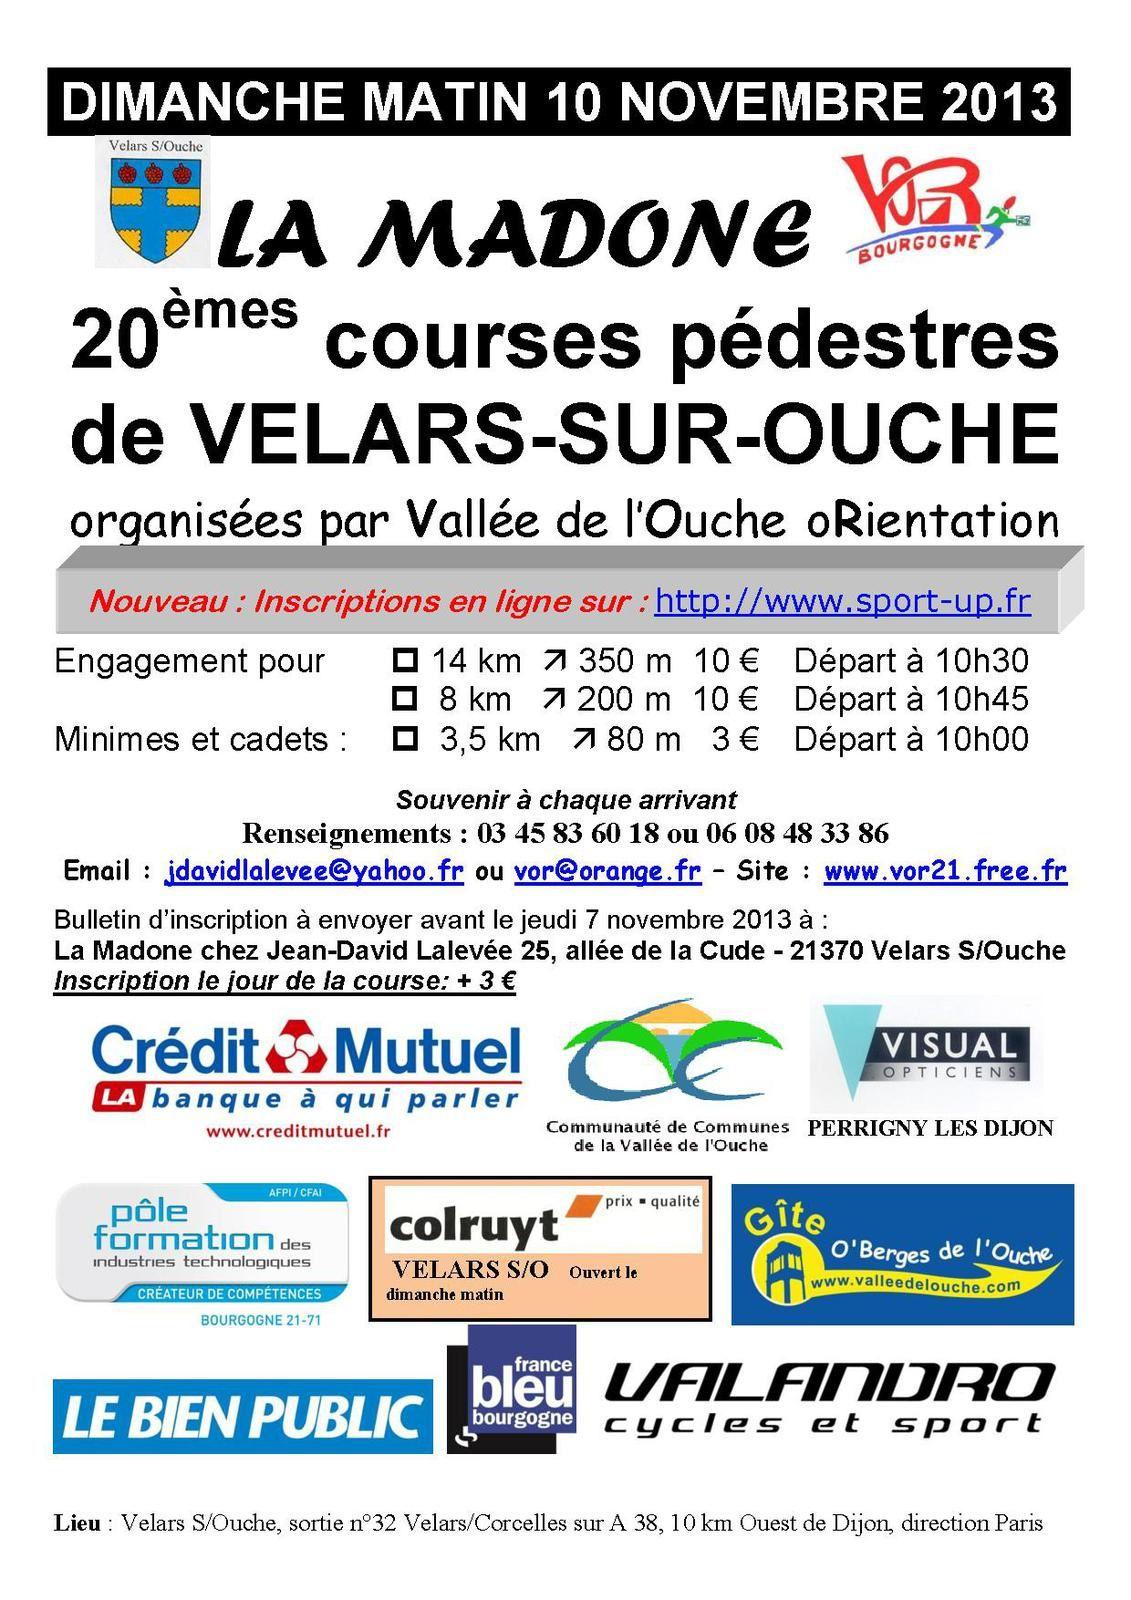 Dimanche 10 novembre 2013 - La Madone - Velars-sur-Ouche